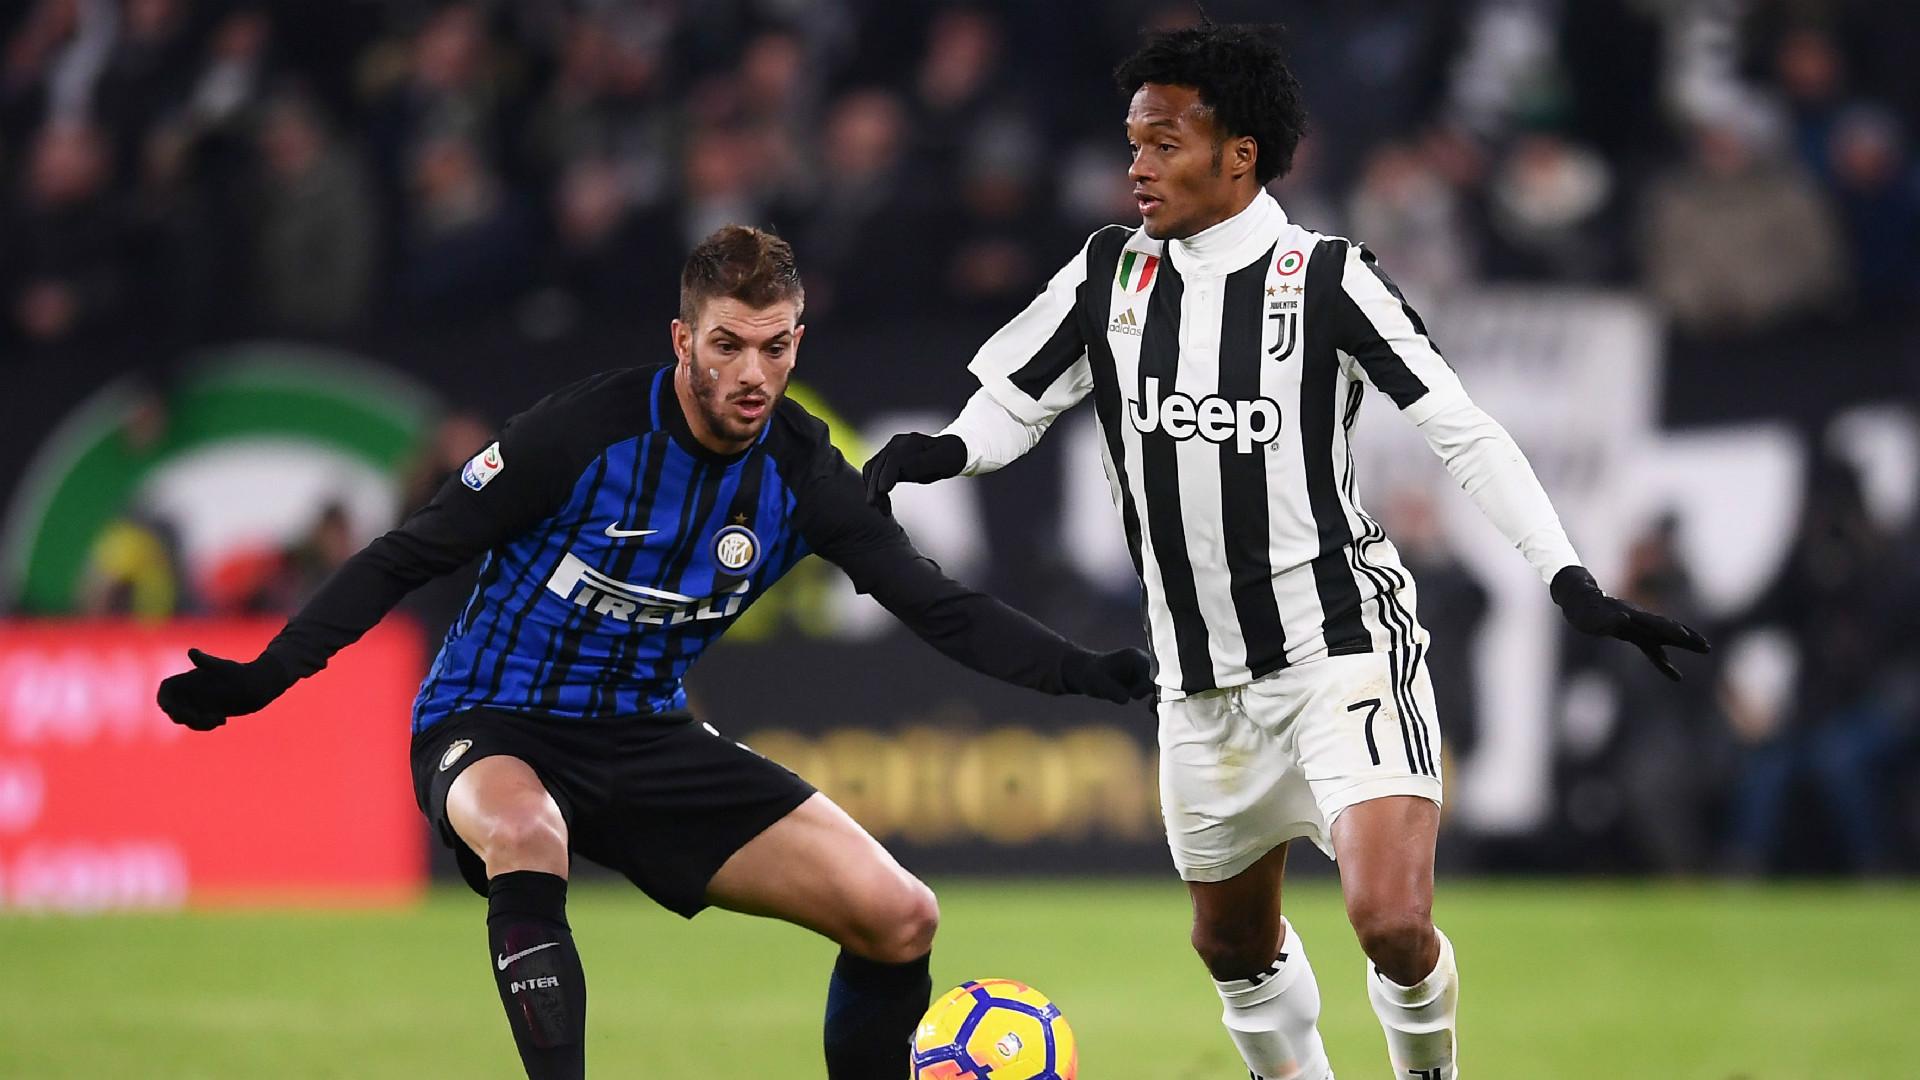 Juventus-Inter 0-0 pagelle, voti e Highlights 16^giornata: poche emozioni, nerazzurri ancora imbattuti